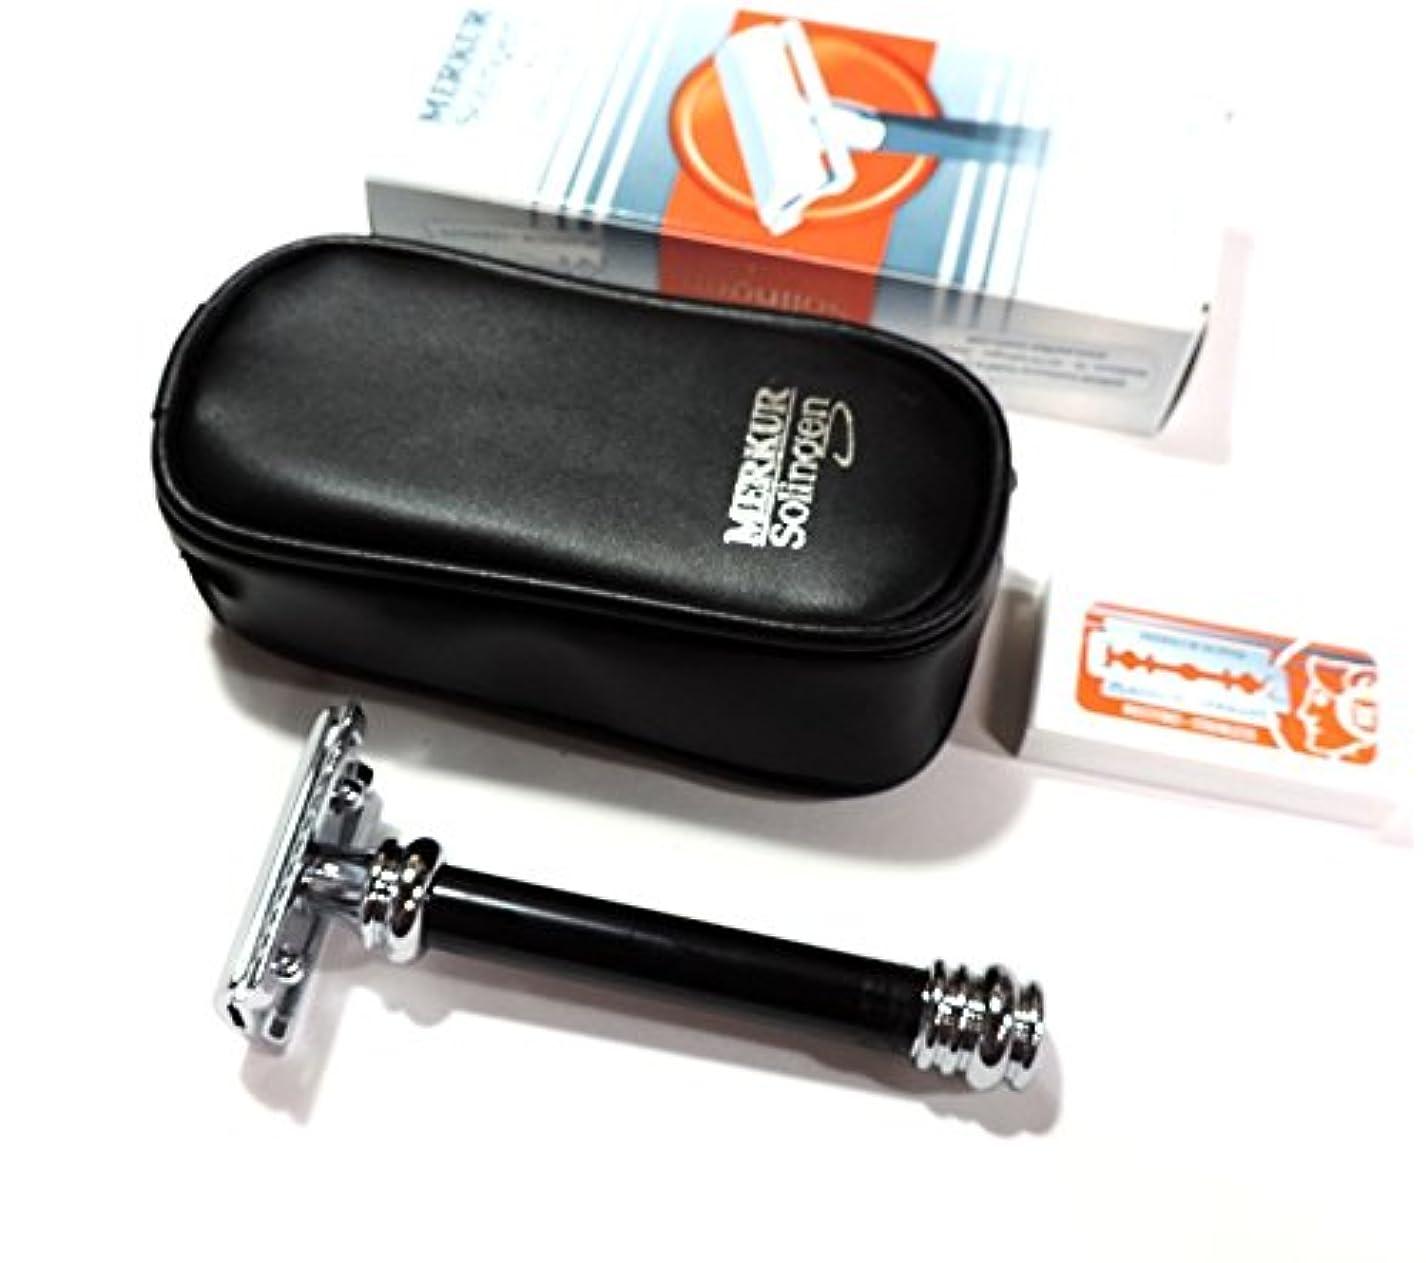 ゾーリンゲン メルクール髭剃り(ひげそり)両刃ホルダー38011 ブラックハンドル 革ポーチ付 替刃10枚付